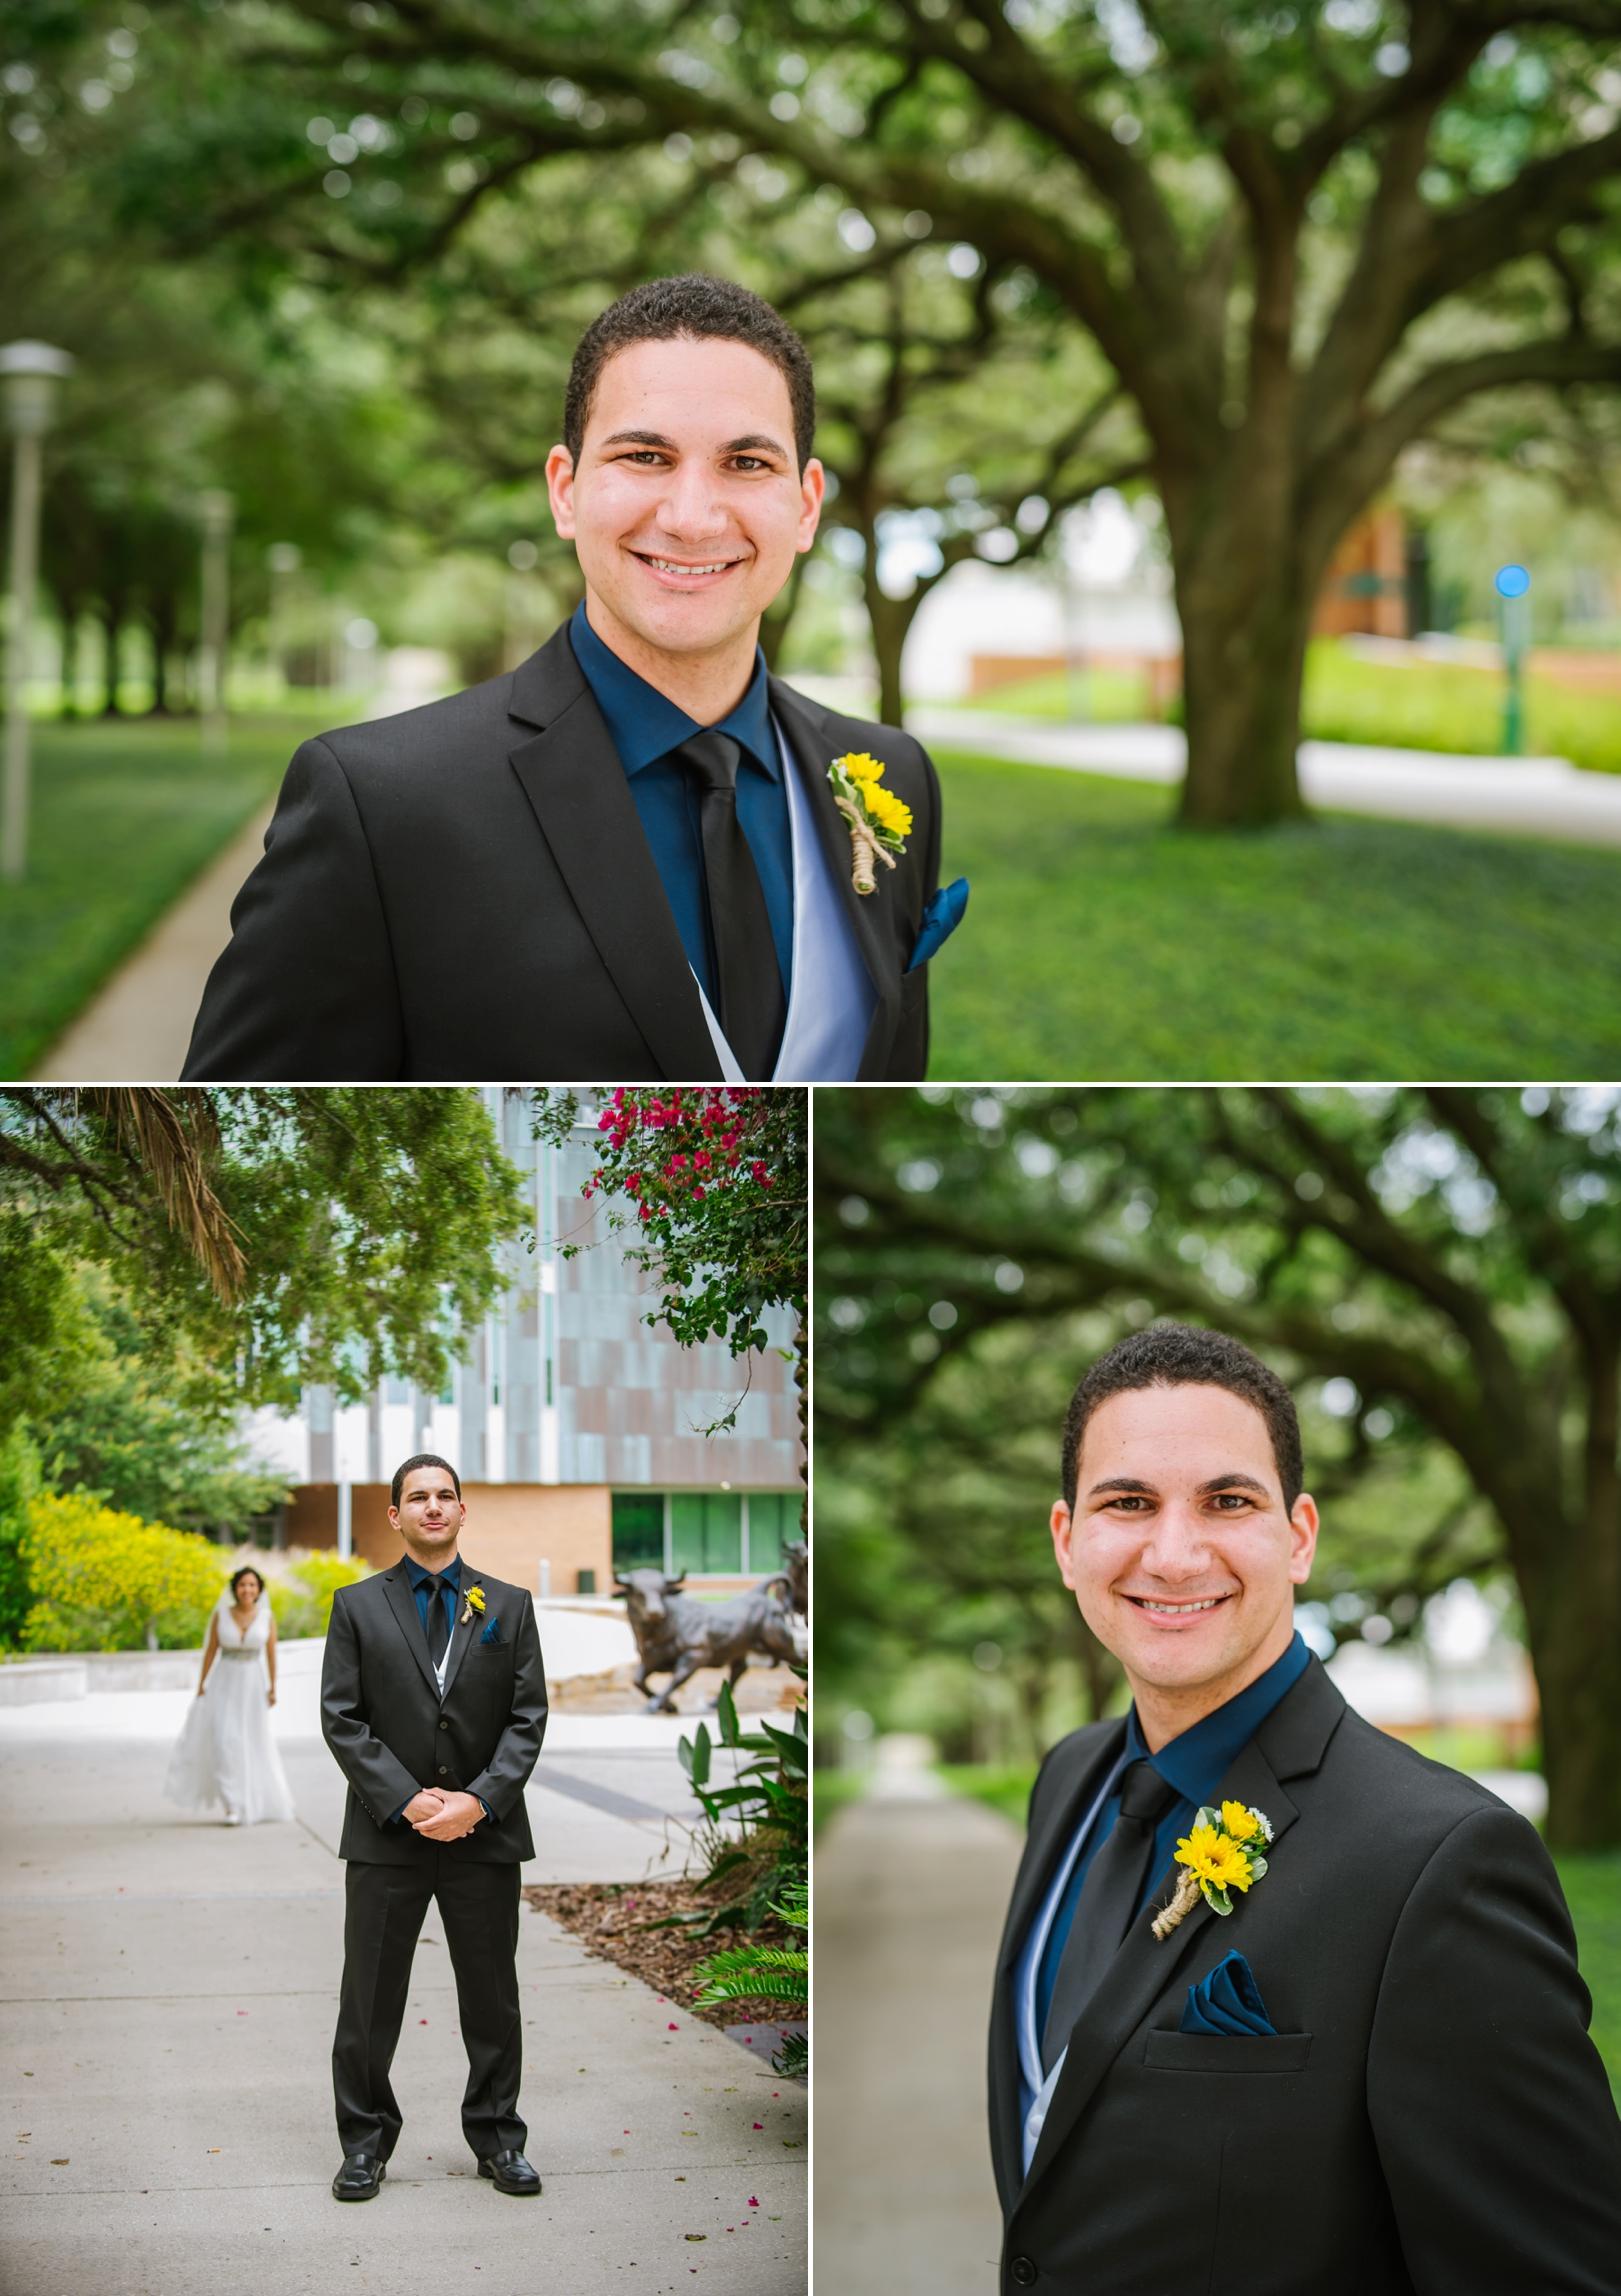 tampa-wedding-photographer-ashlee-hamon-usf_0006.jpg